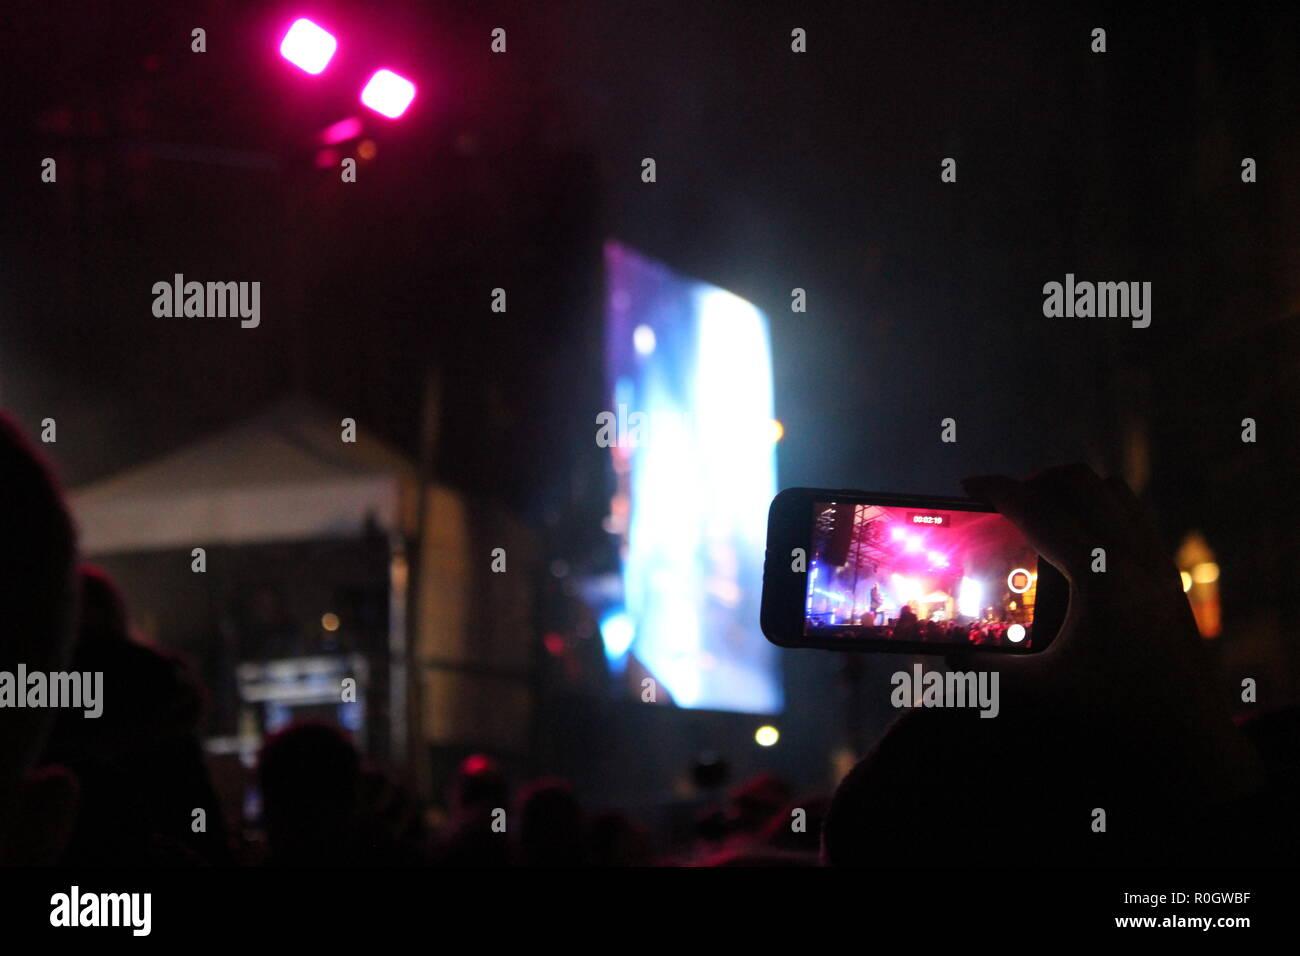 Teléfono inteligente en un concierto de música - observando un rendimiento a través de un teléfono celular Foto de stock